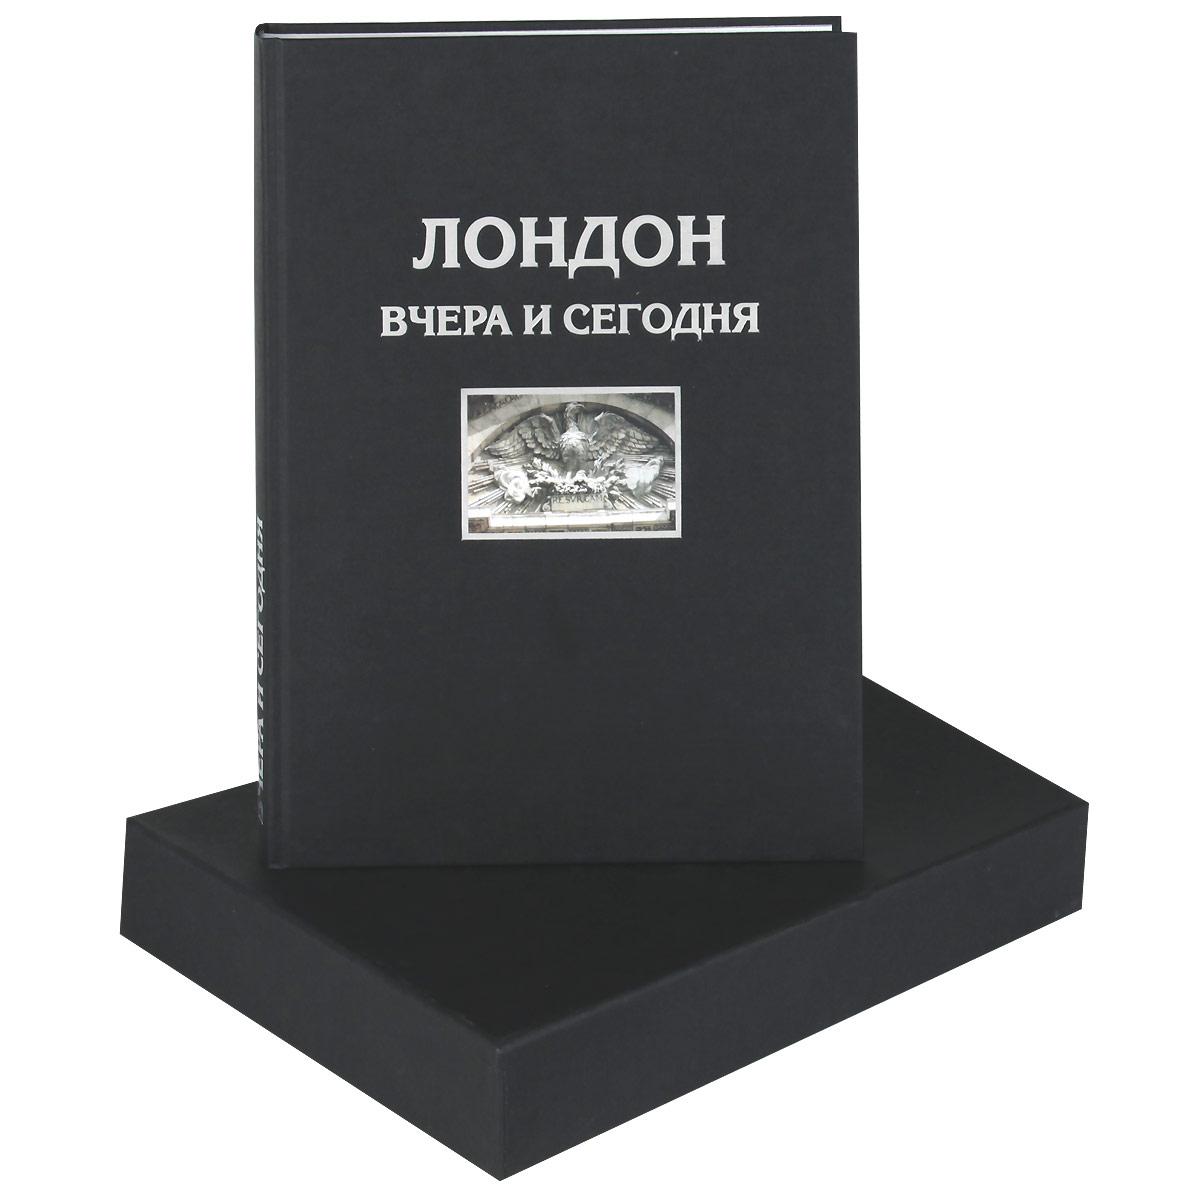 В. Катамидзе, Н. Юдин Лондон вчера и сегодня (подарочное издание)